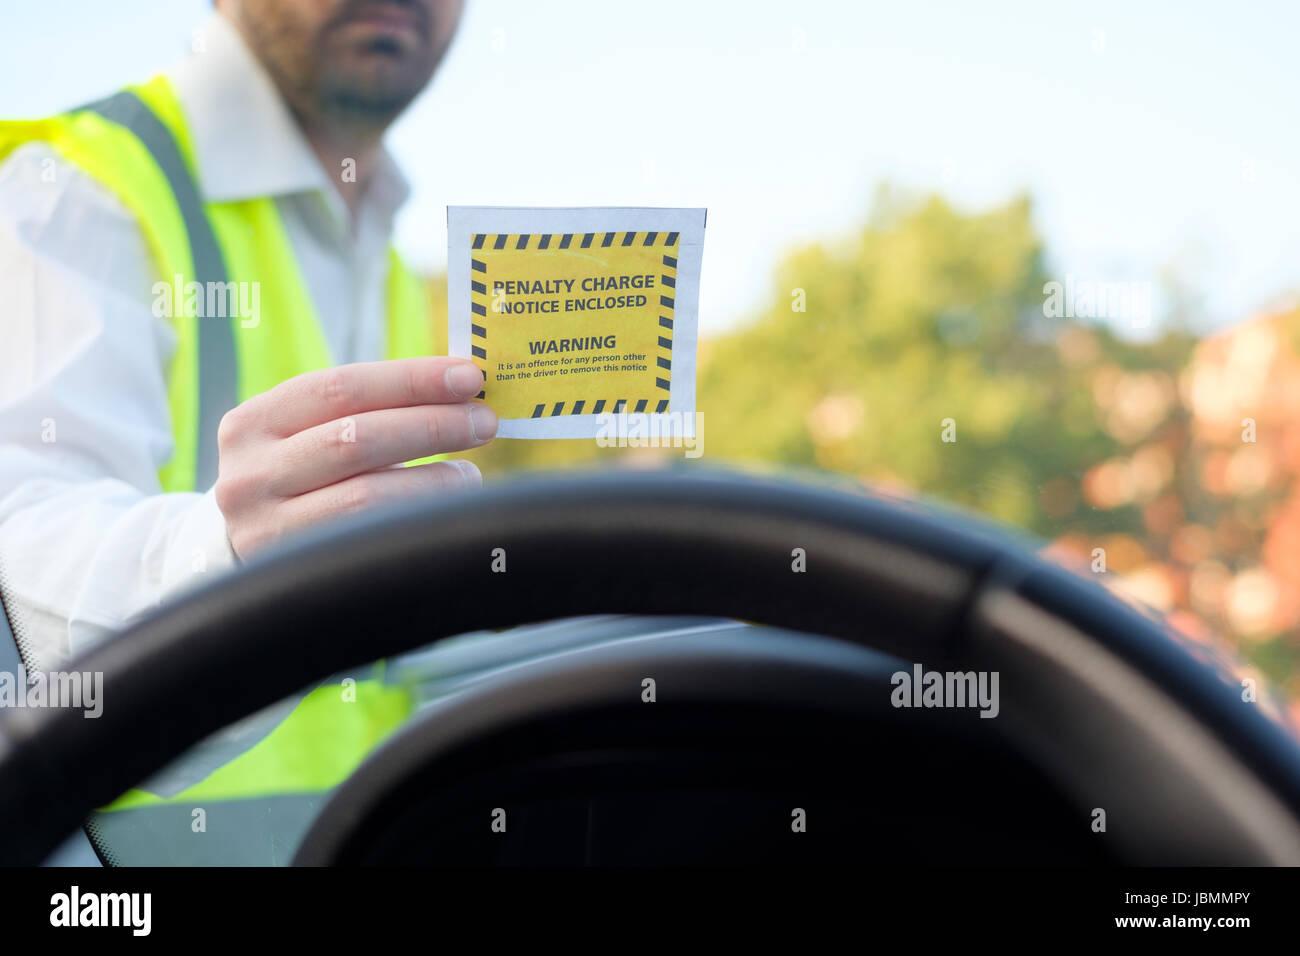 Funzionario di polizia dando un biglietto ammenda per violazione di parcheggio Immagini Stock